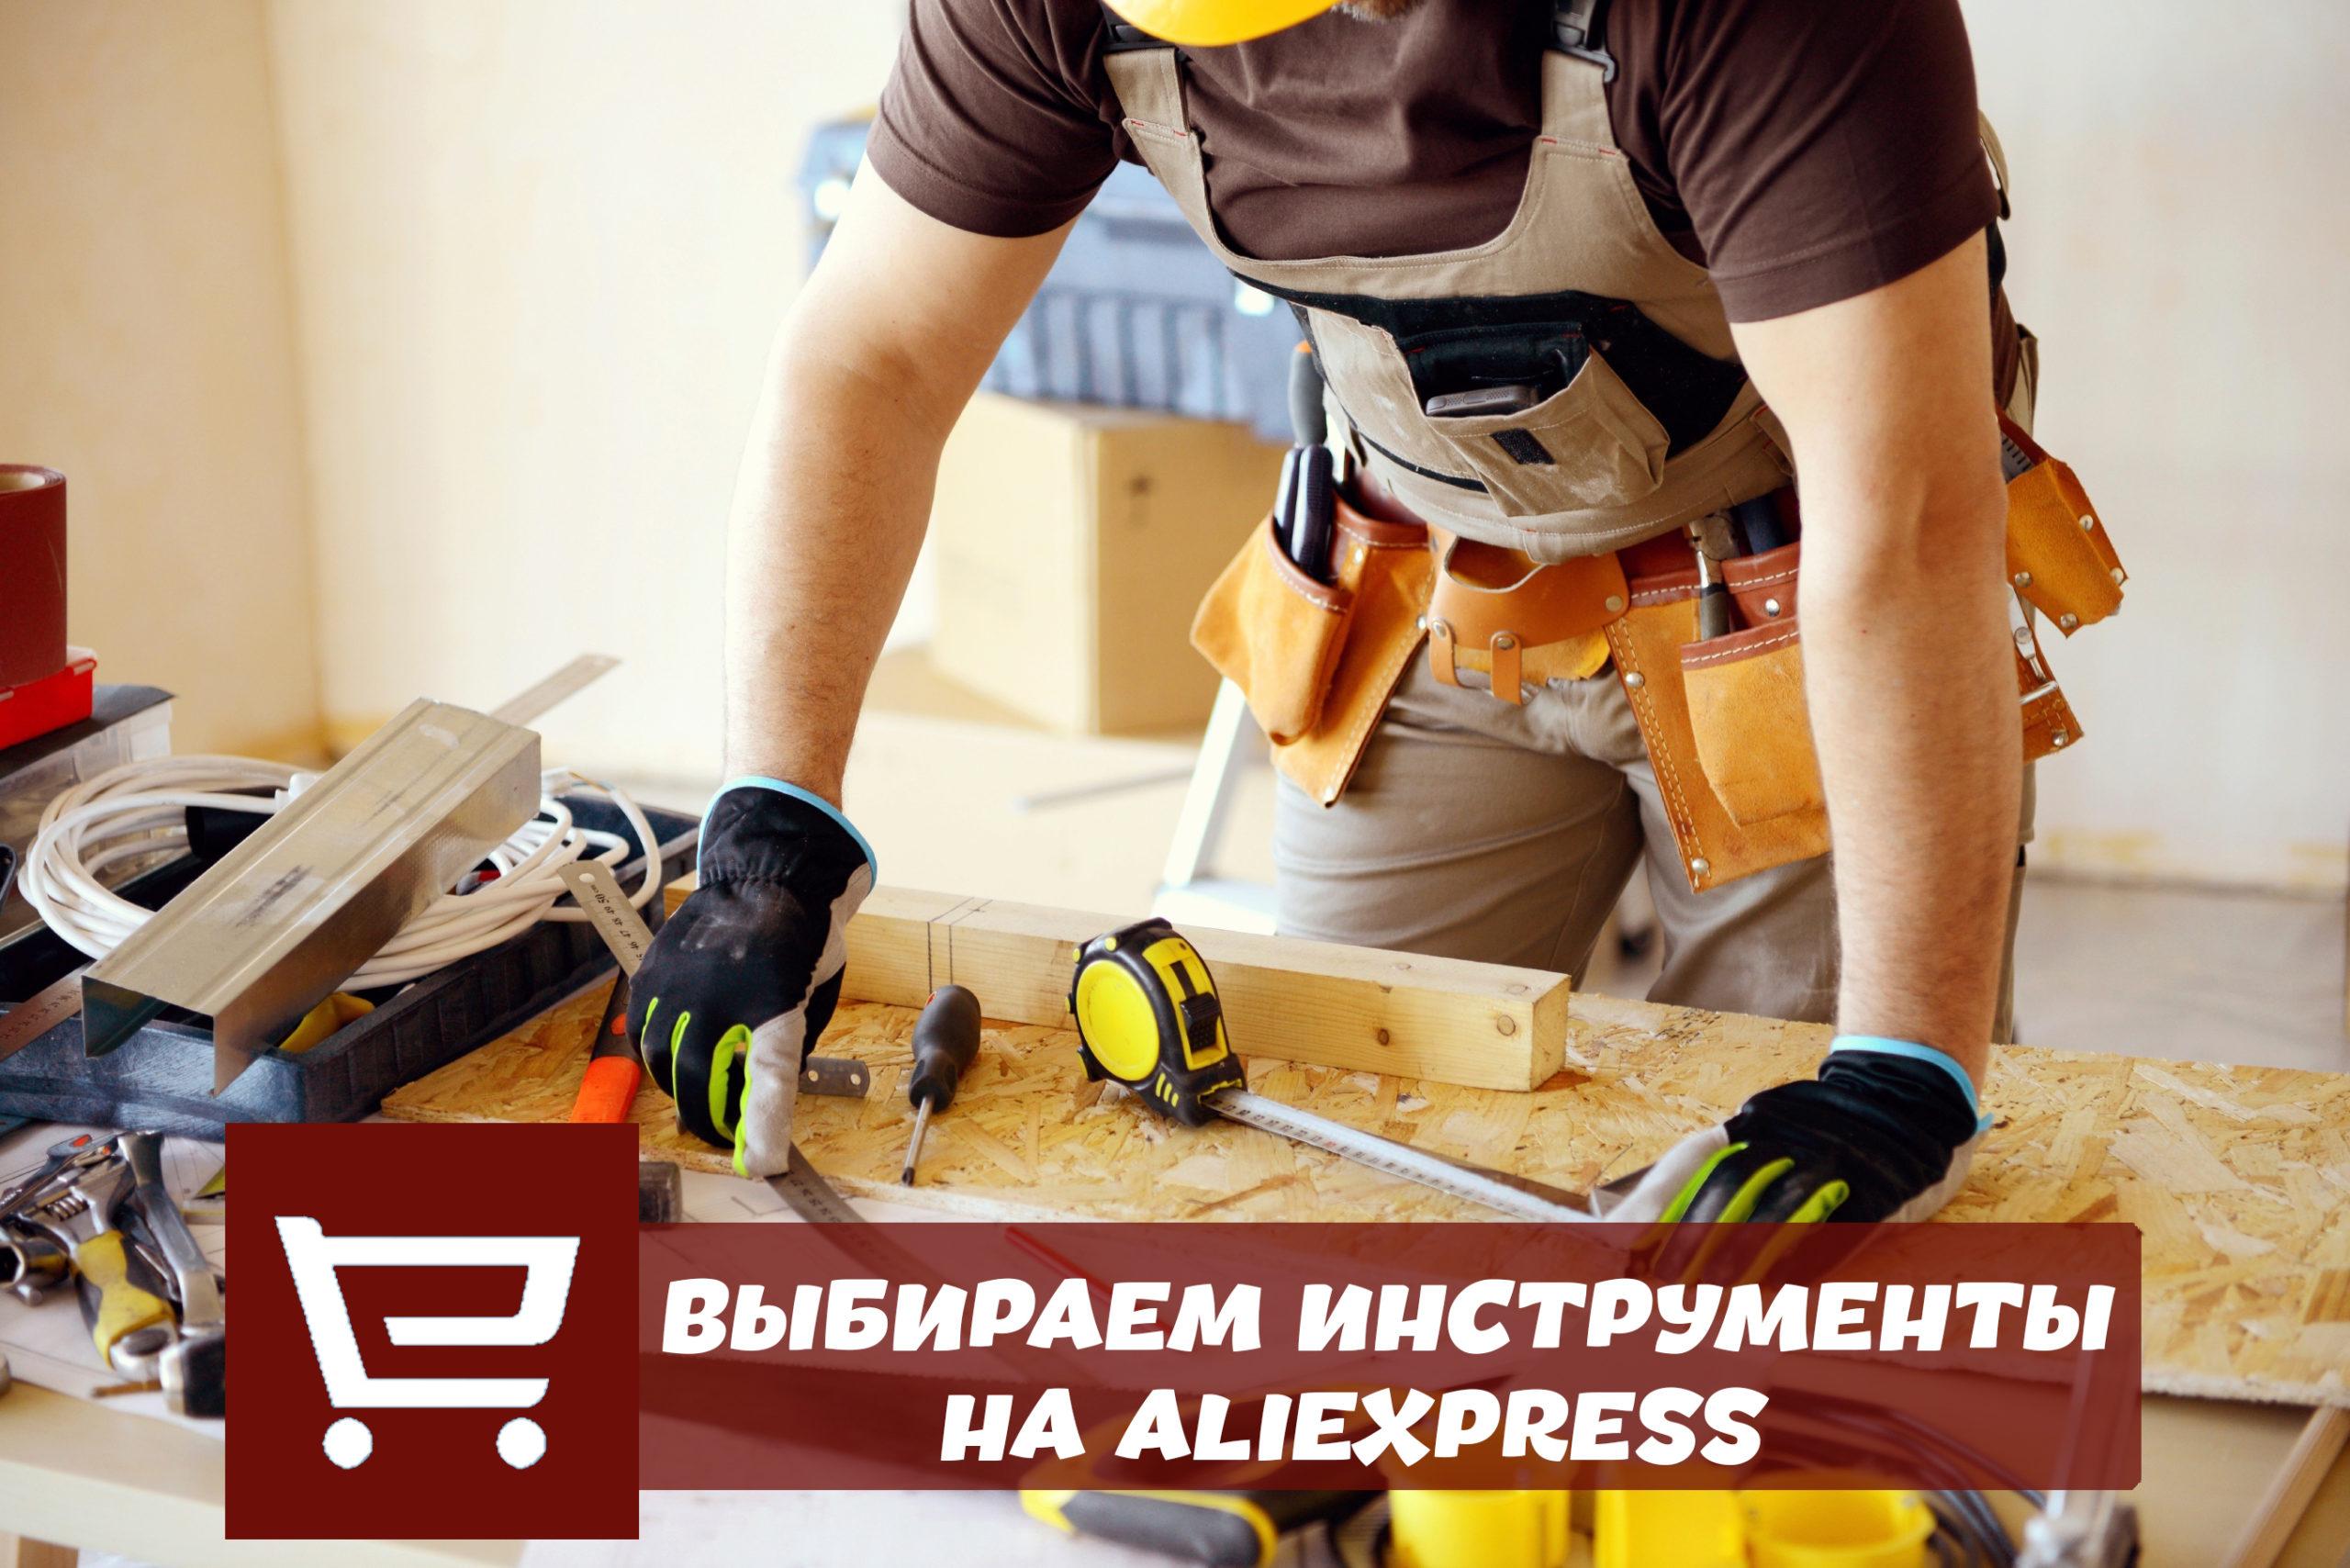 Выбираем инструменты на Алиэкспресс